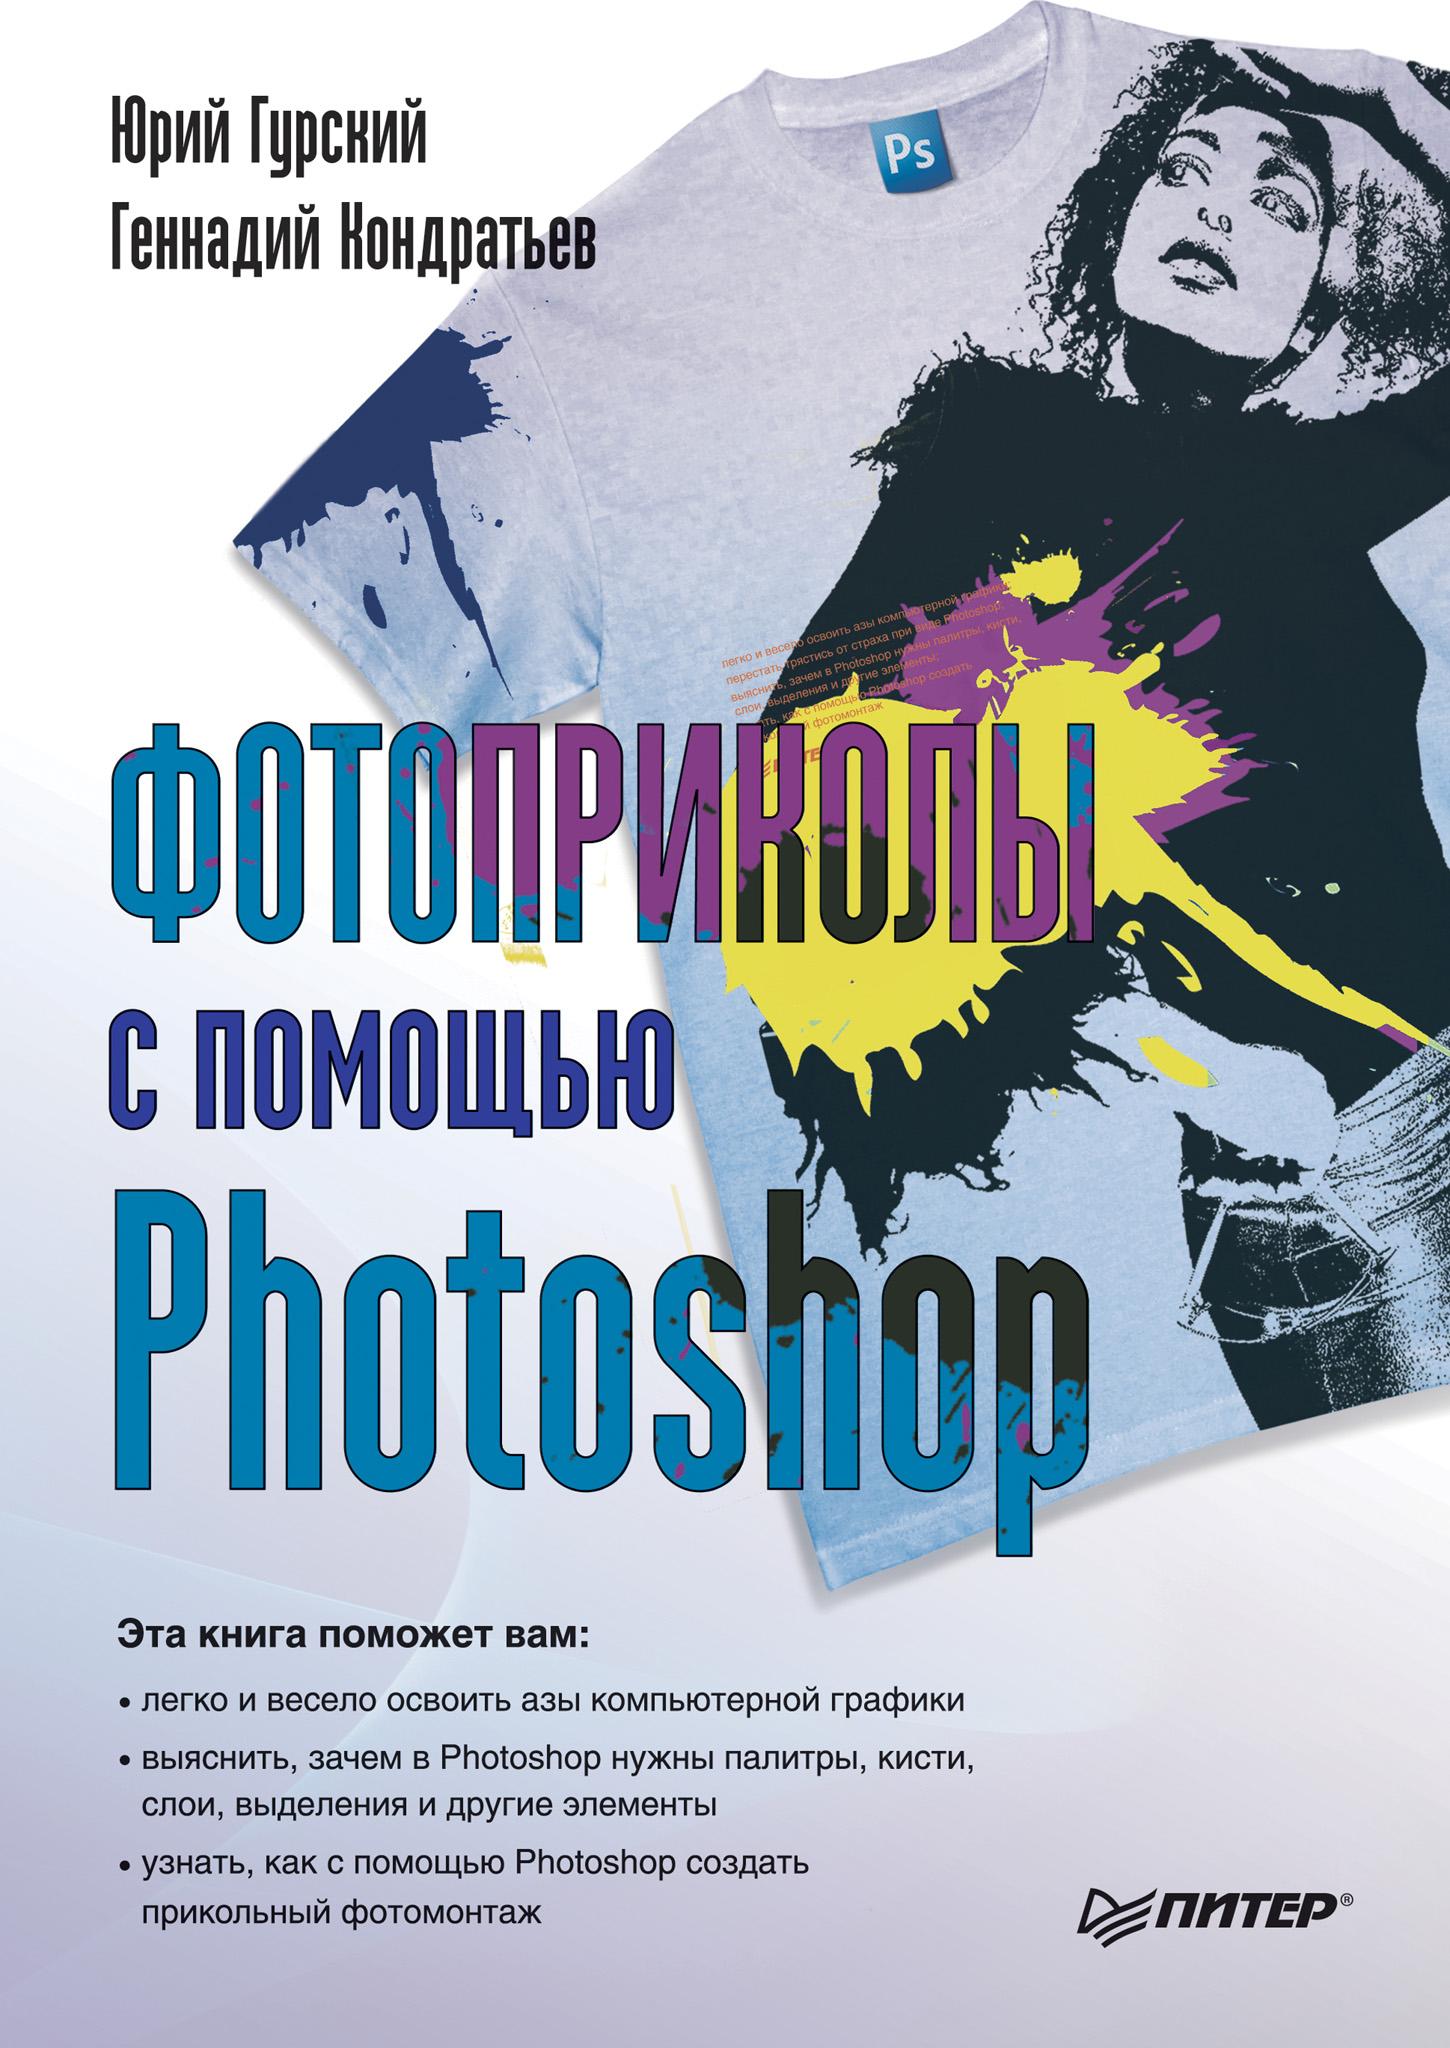 Геннадий Кондратьев, Юрий Гурский «Фотоприколы с помощью Photoshop»